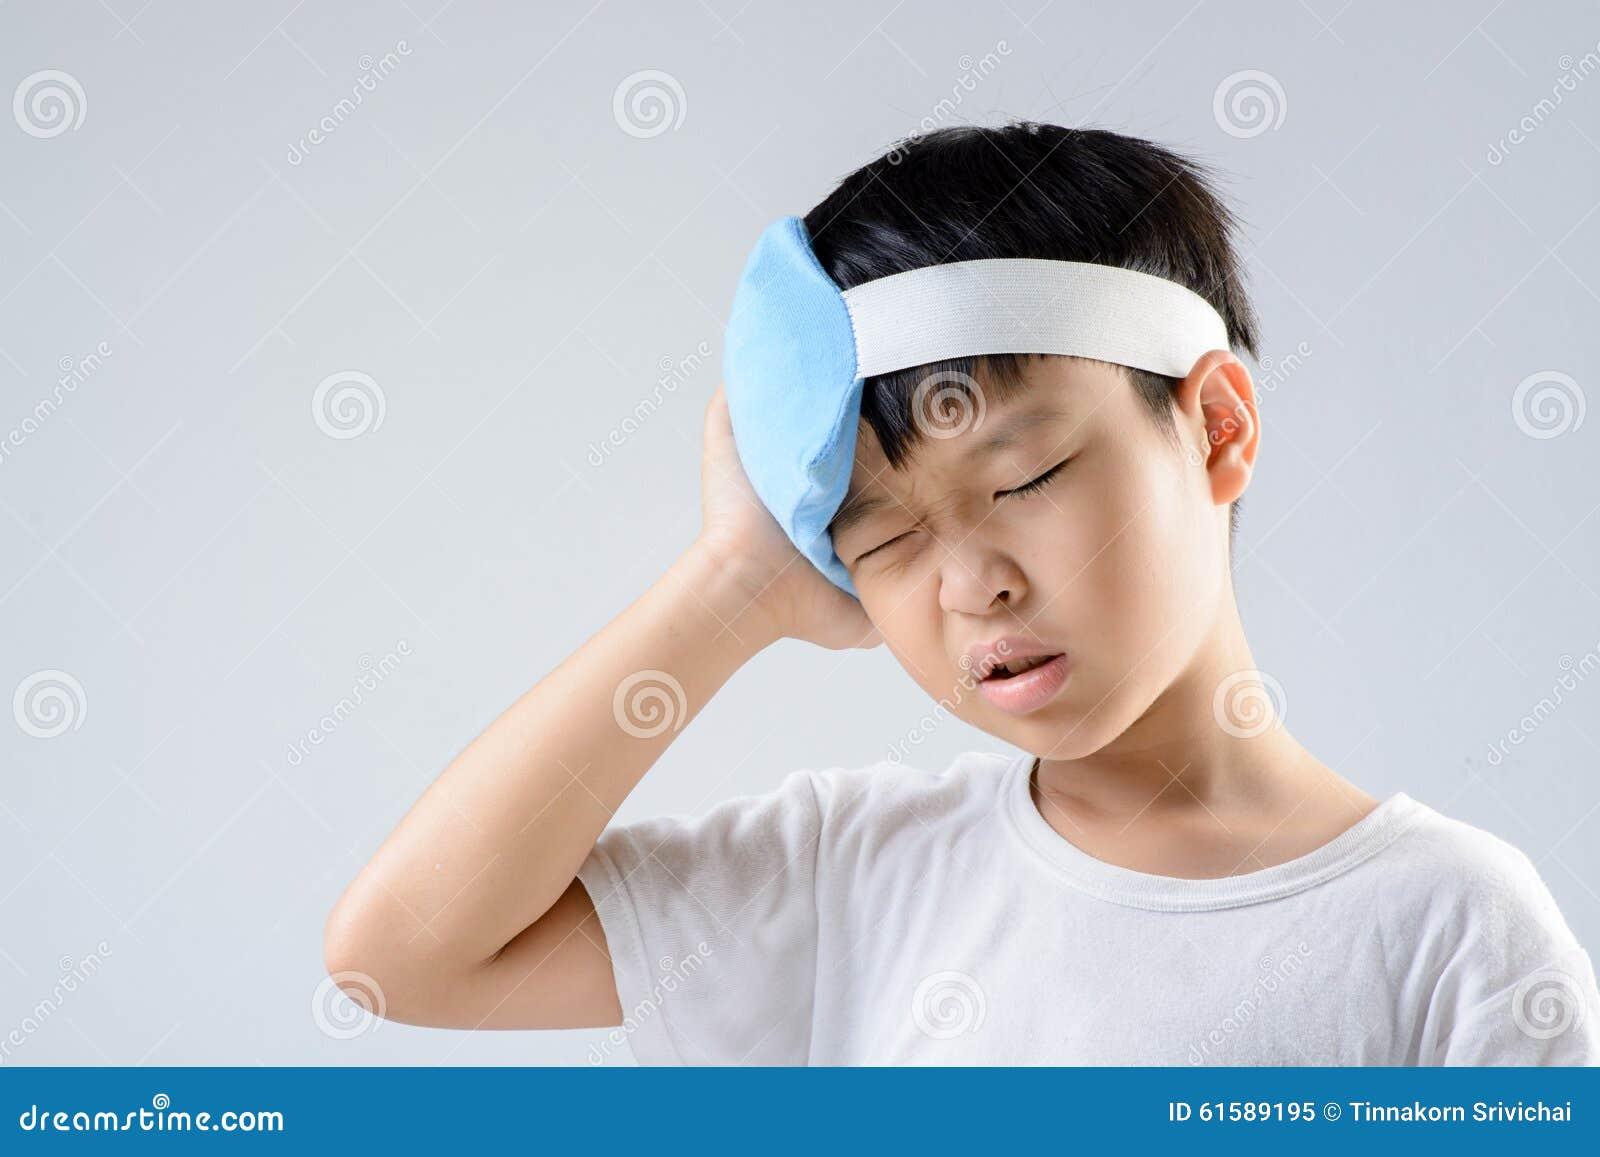 男孩头疼和冰胶凝体组装